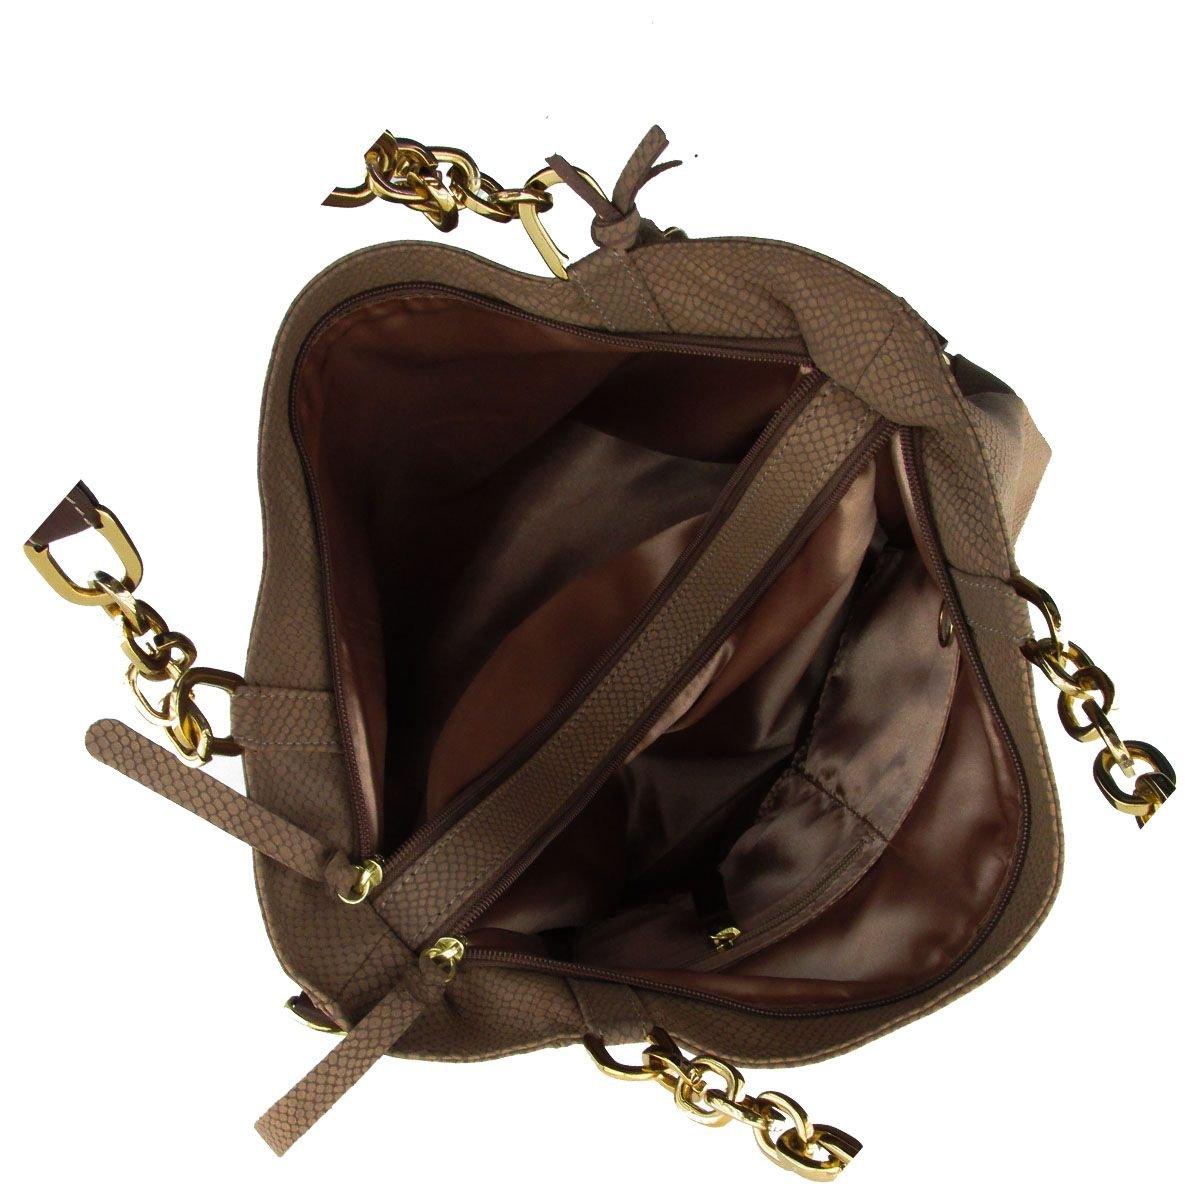 Bolsa Feminina com Corrente Chocolate